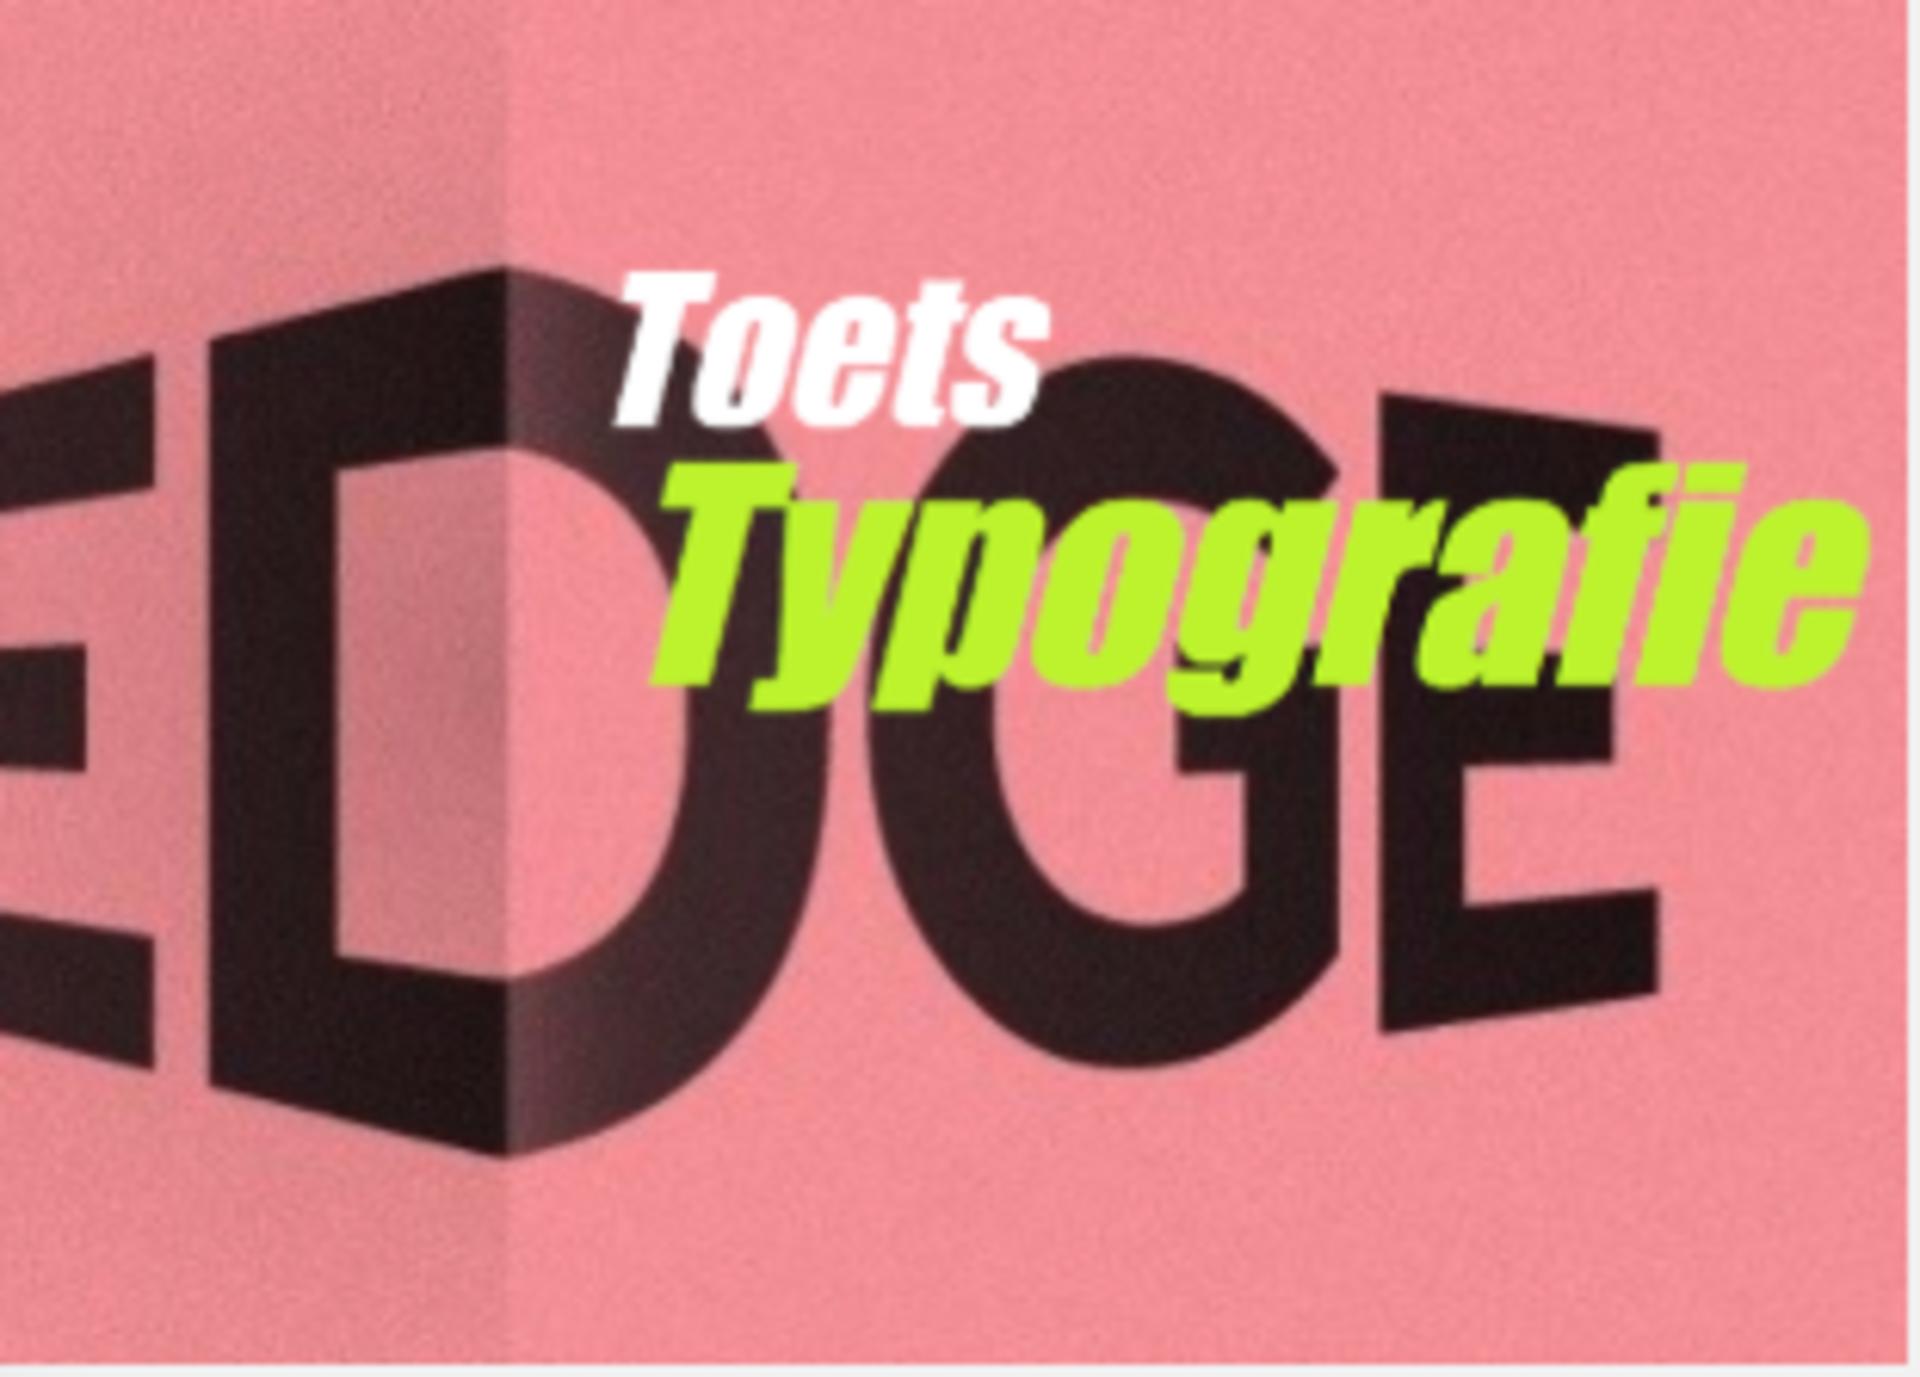 Toets typografie